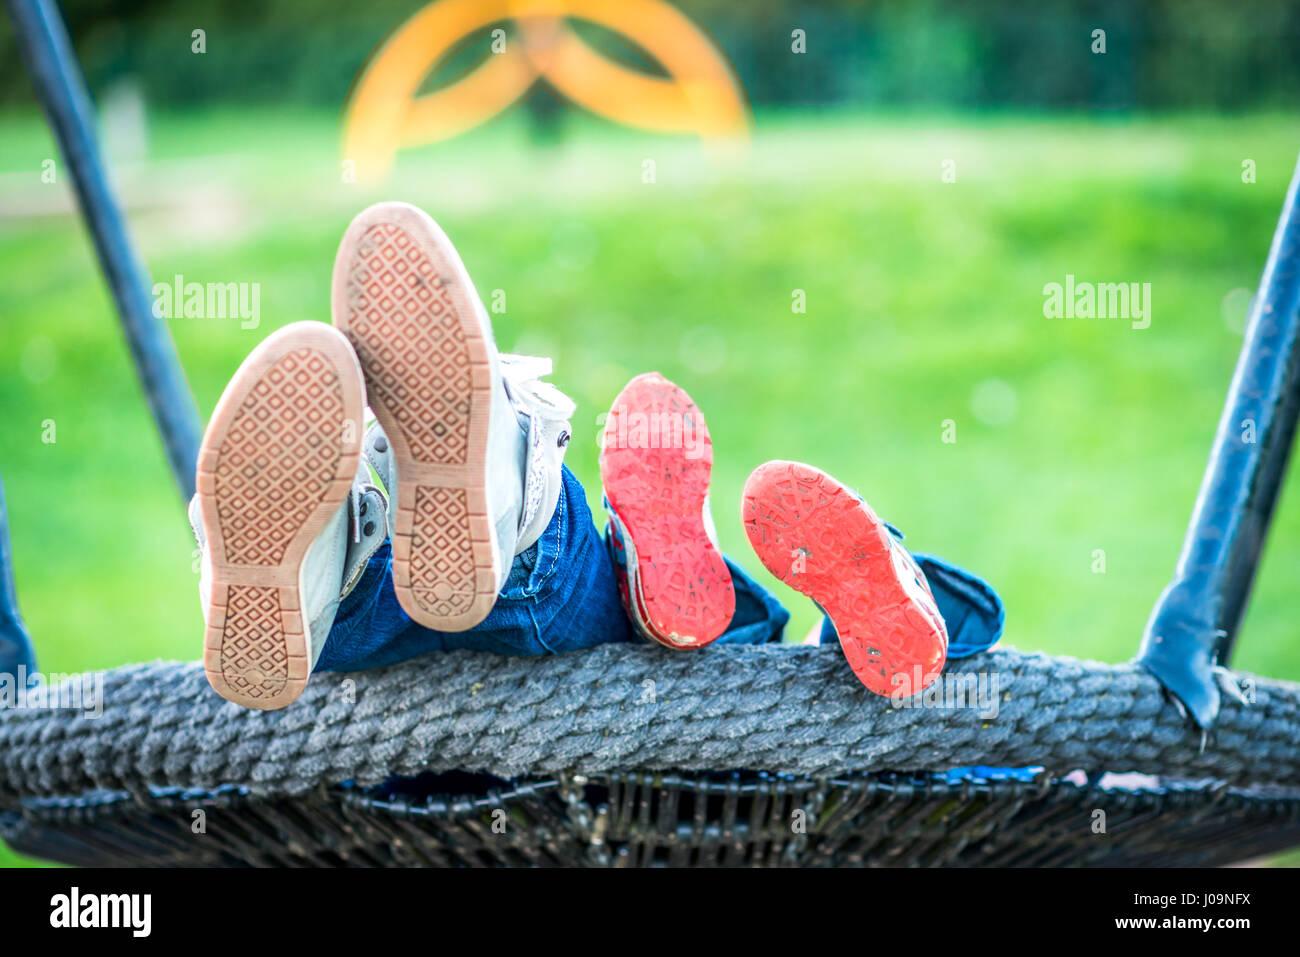 Tag-Ansicht Mutter und Kind Füße auf Schaukeln. Stockfoto